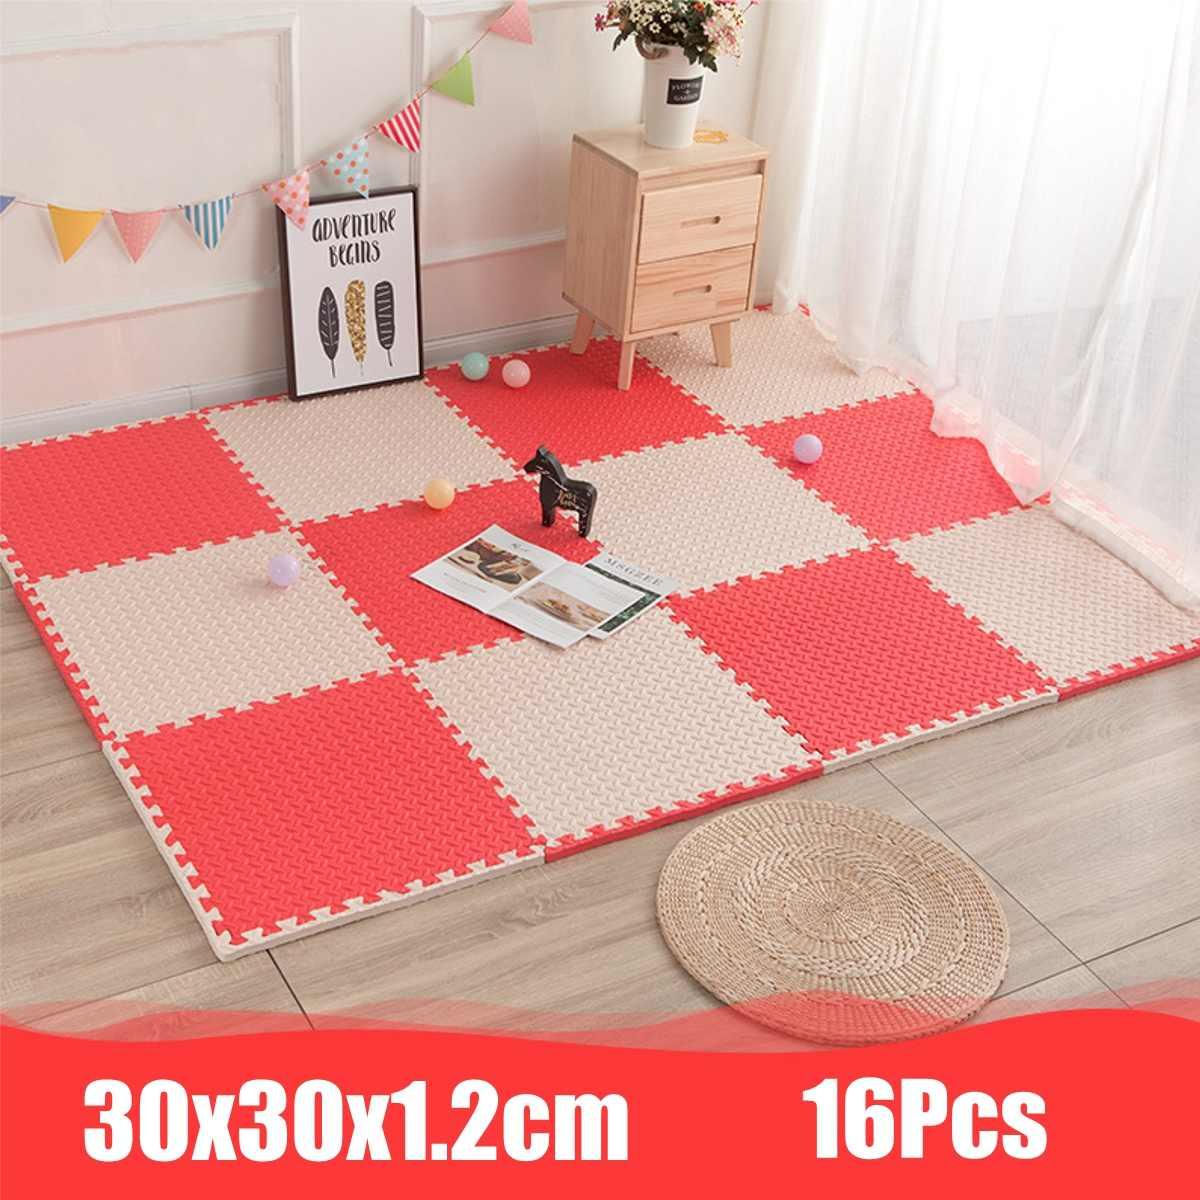 30x30x1.2cm 16 pièces EVA mousse Puzzle tapis Split Joint tapis de jeu dessins animés modèles tapis de sol doux pour bébé ramper exercice